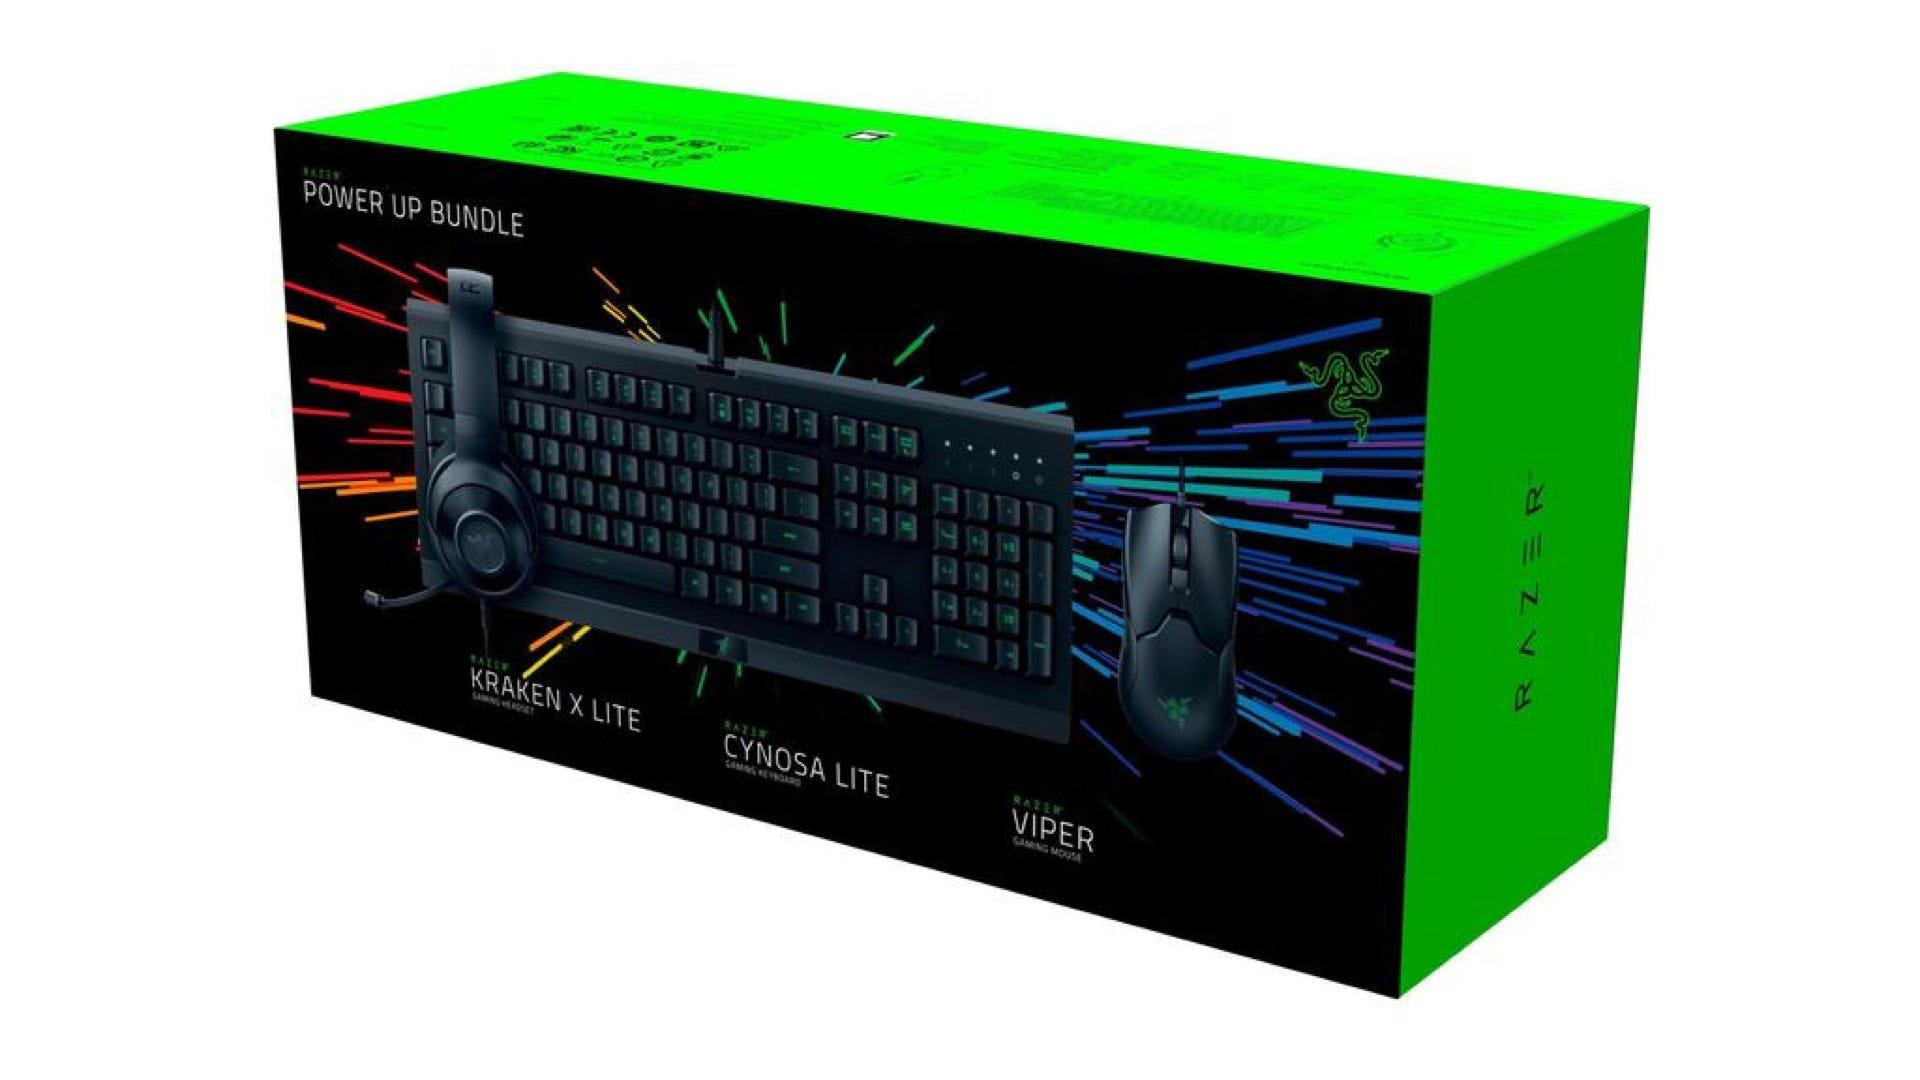 Razer Power UP PC Bundle Box